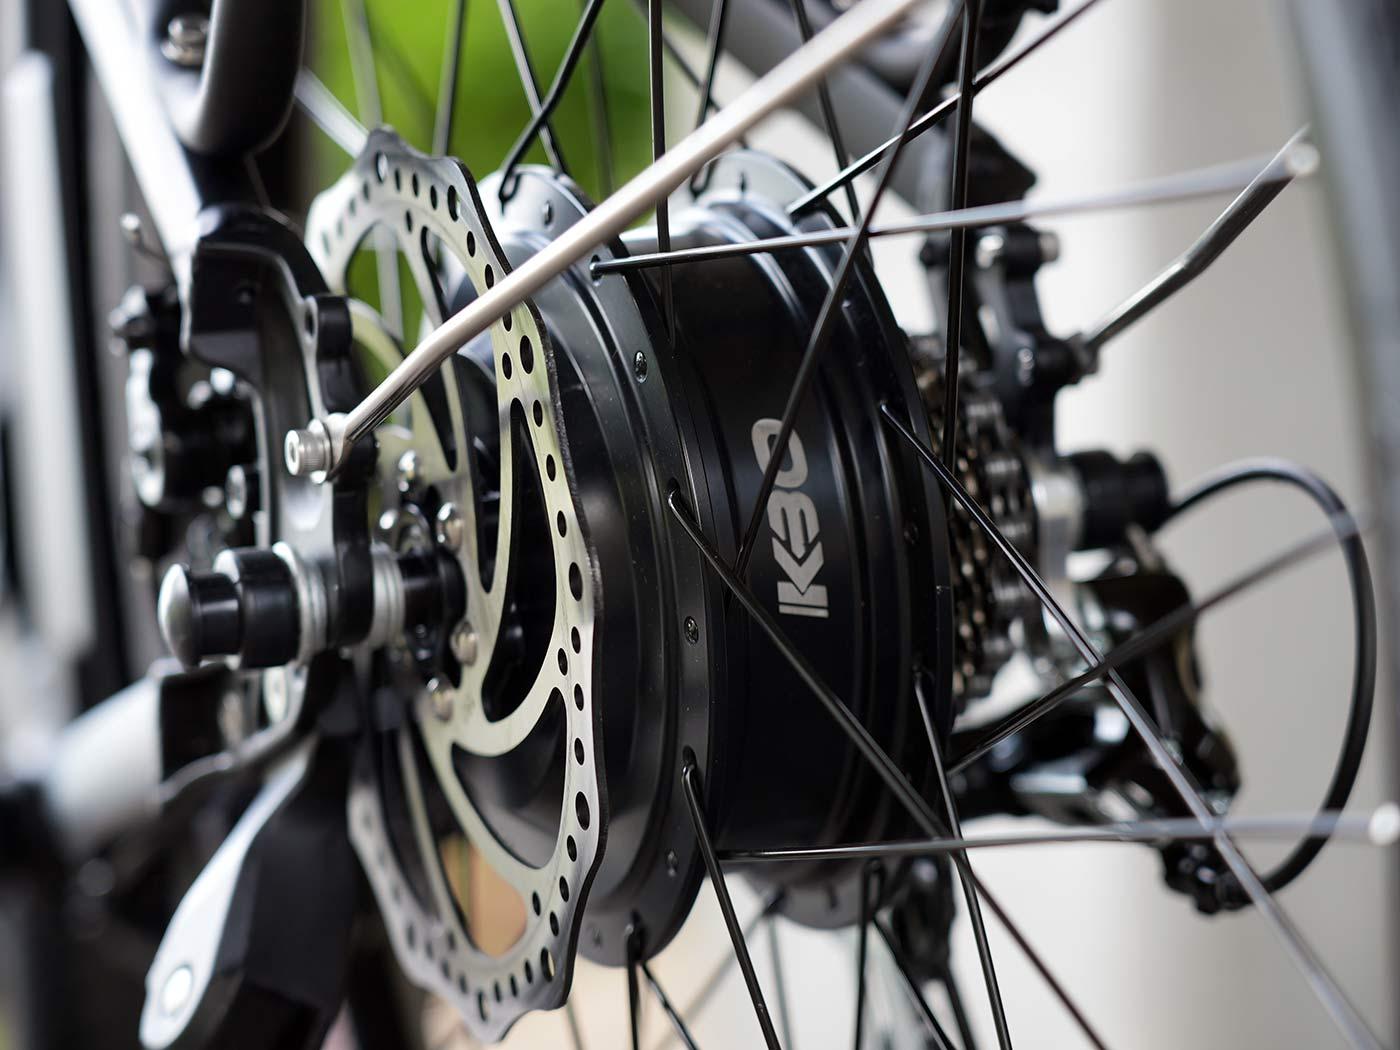 rear hub motor for the kbo breeze commuter e-bike